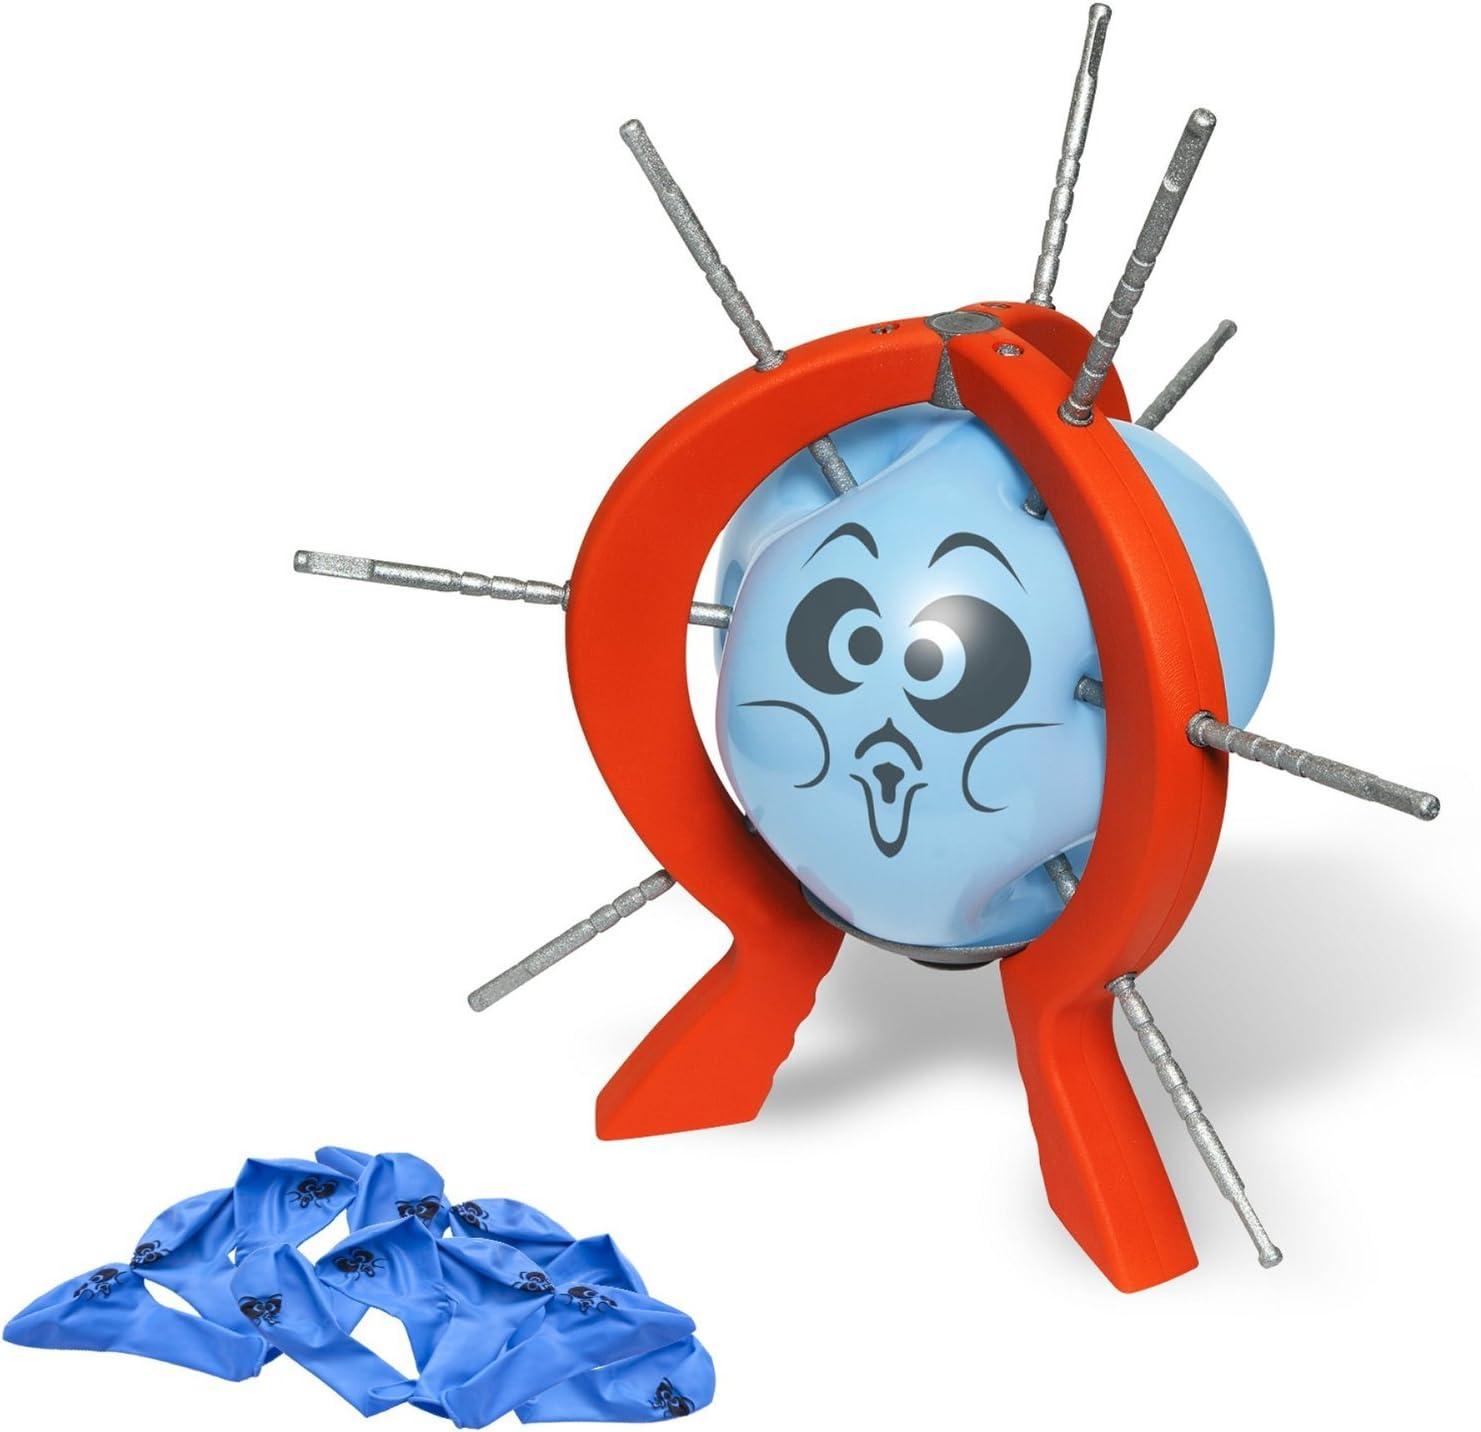 Boom Boom Balloon Kinderspielzeug Trink-Spiel Gesellschaftsspiel Familien Ballon